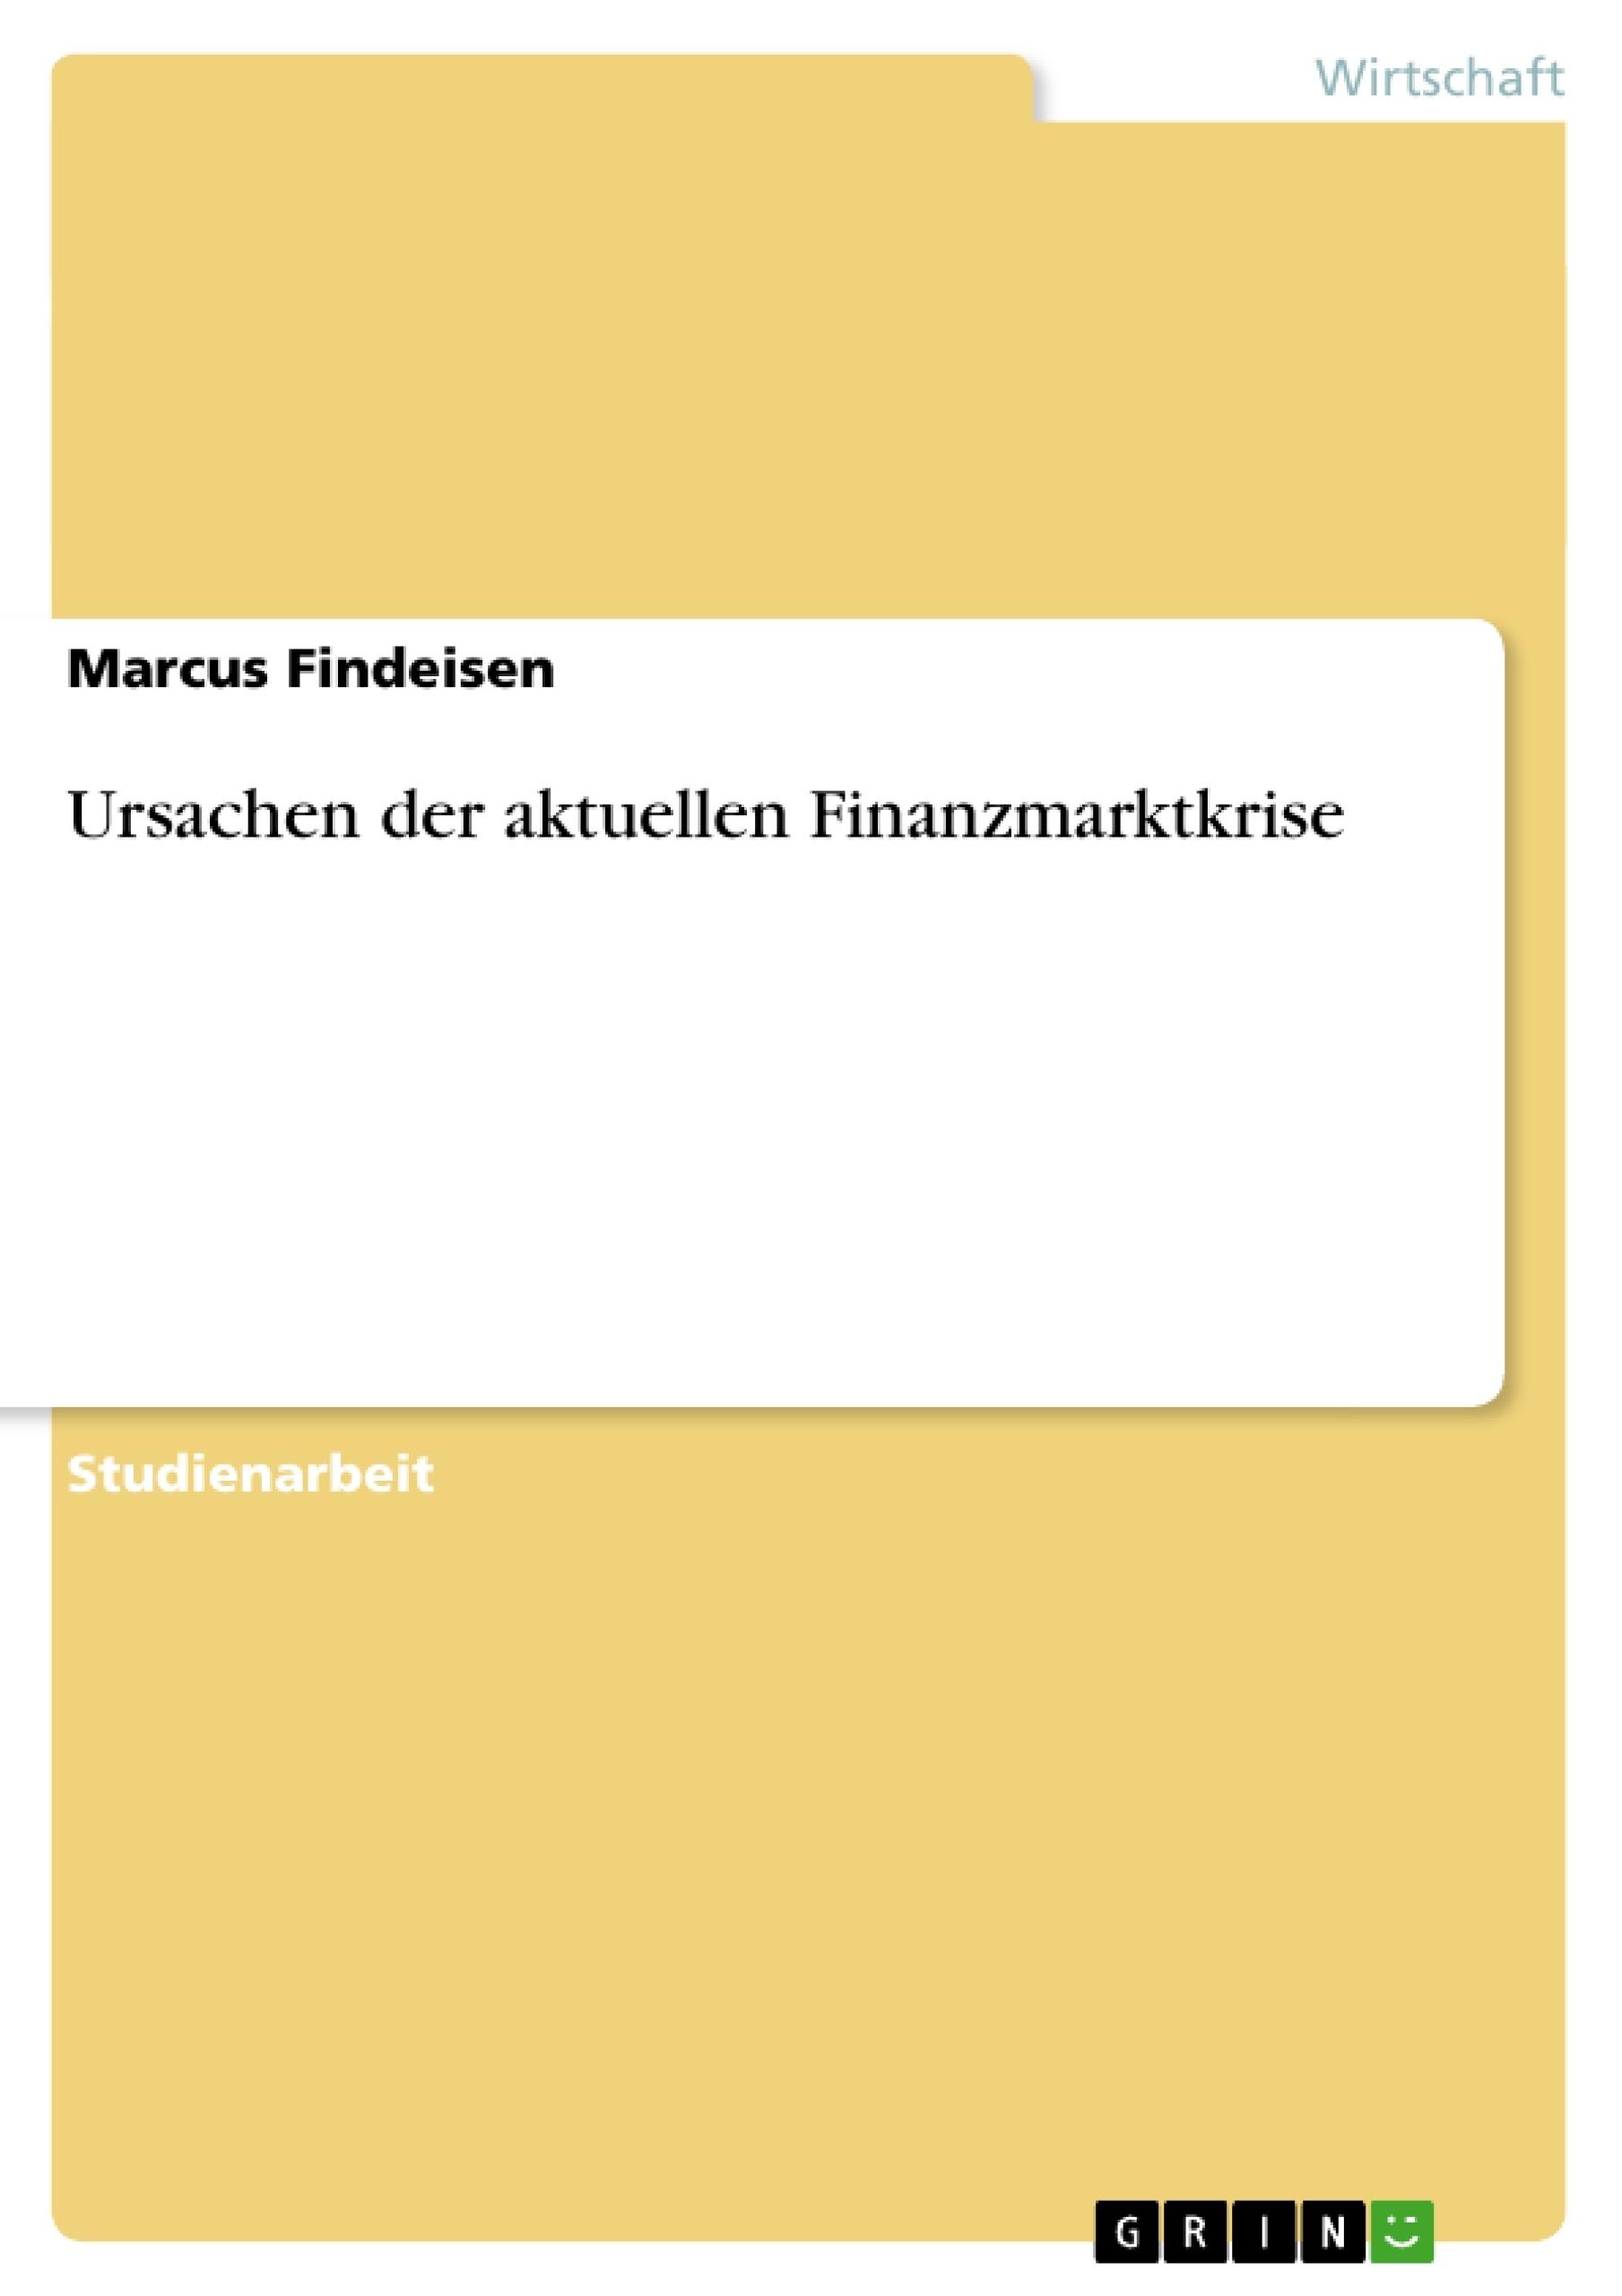 Titel: Ursachen der aktuellen Finanzmarktkrise